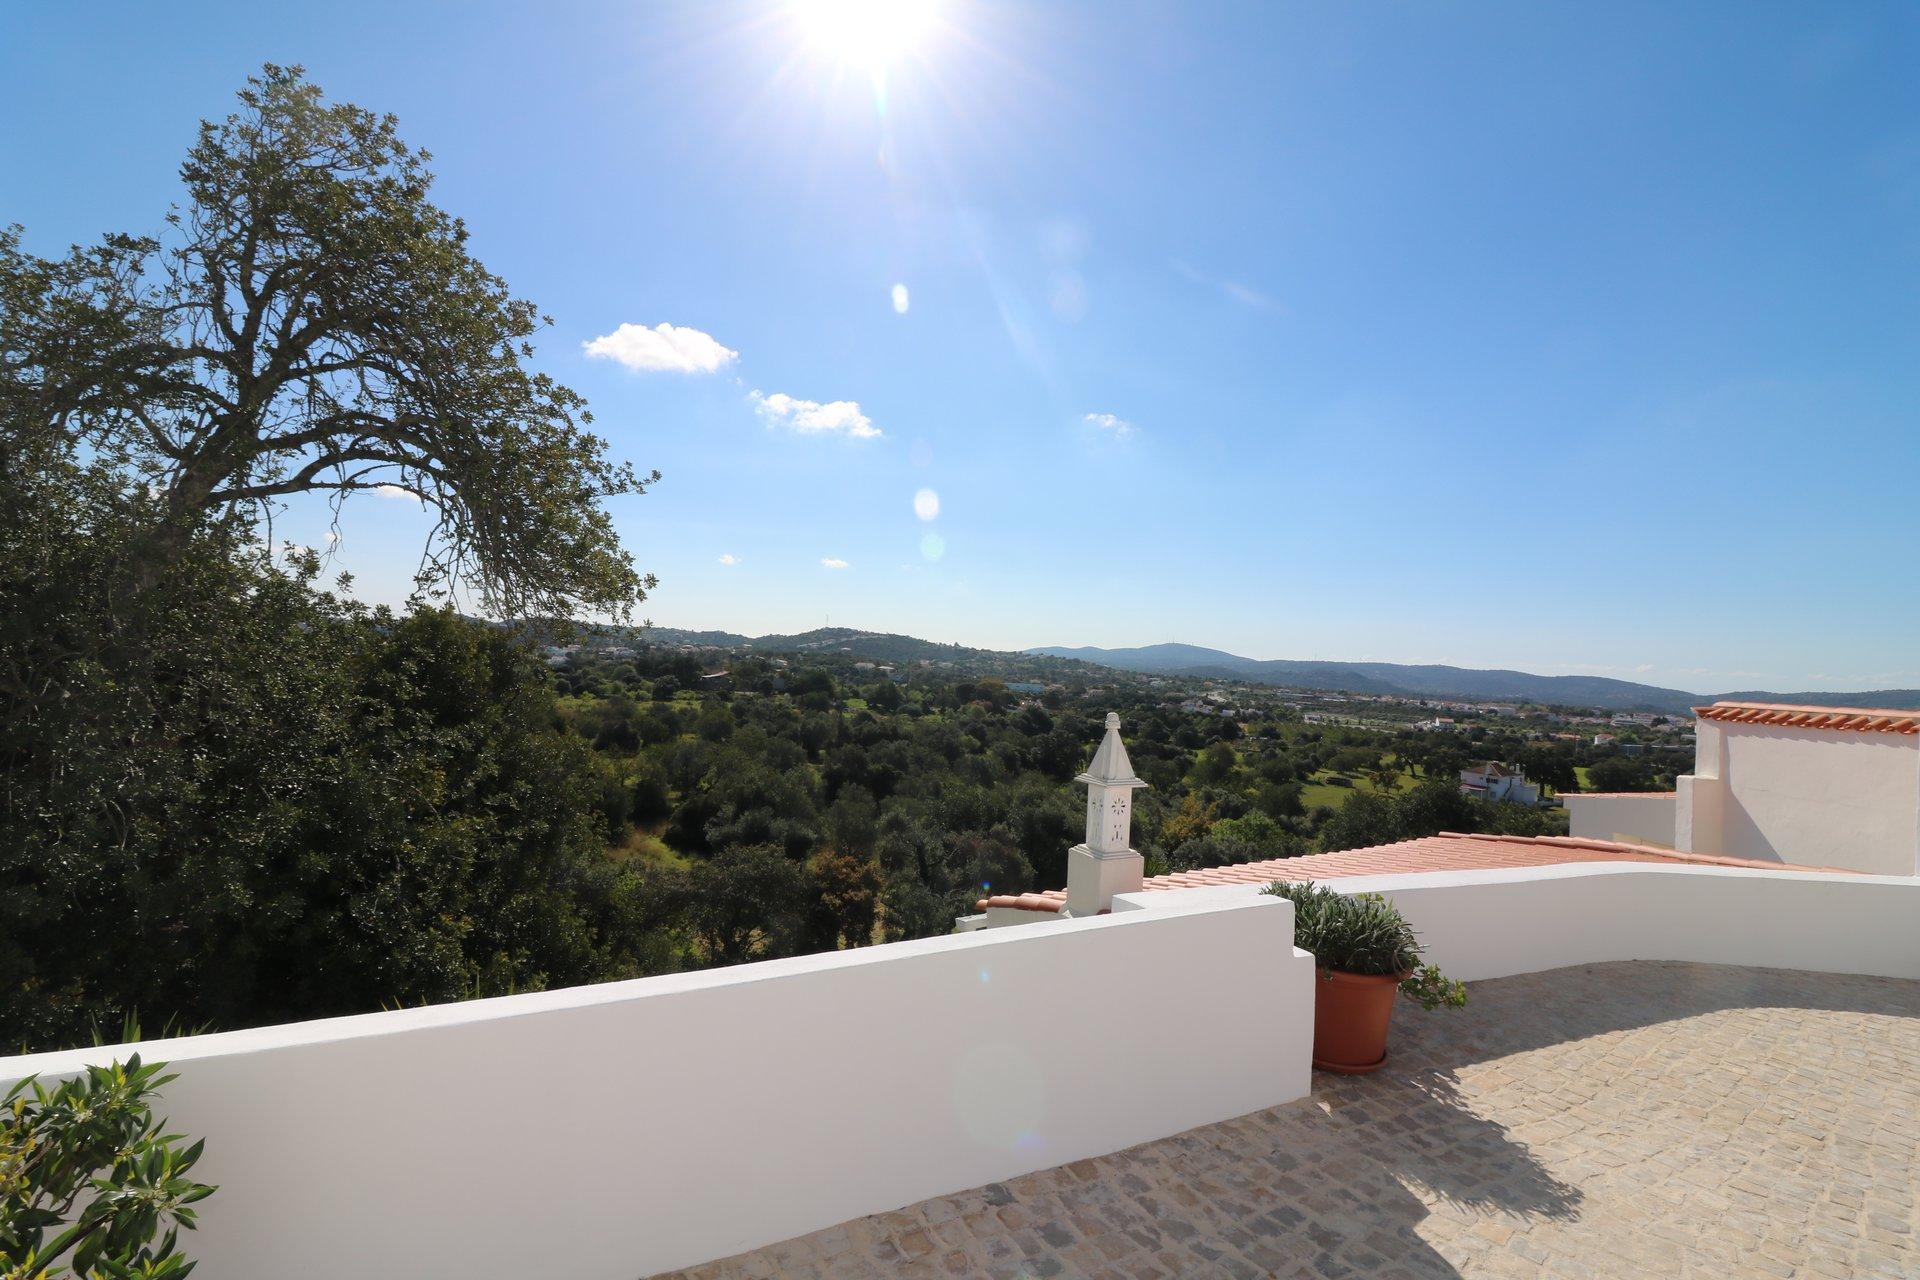 3 Bedroom Villa Sao Bras de Alportel, Central Algarve Ref: JV10350